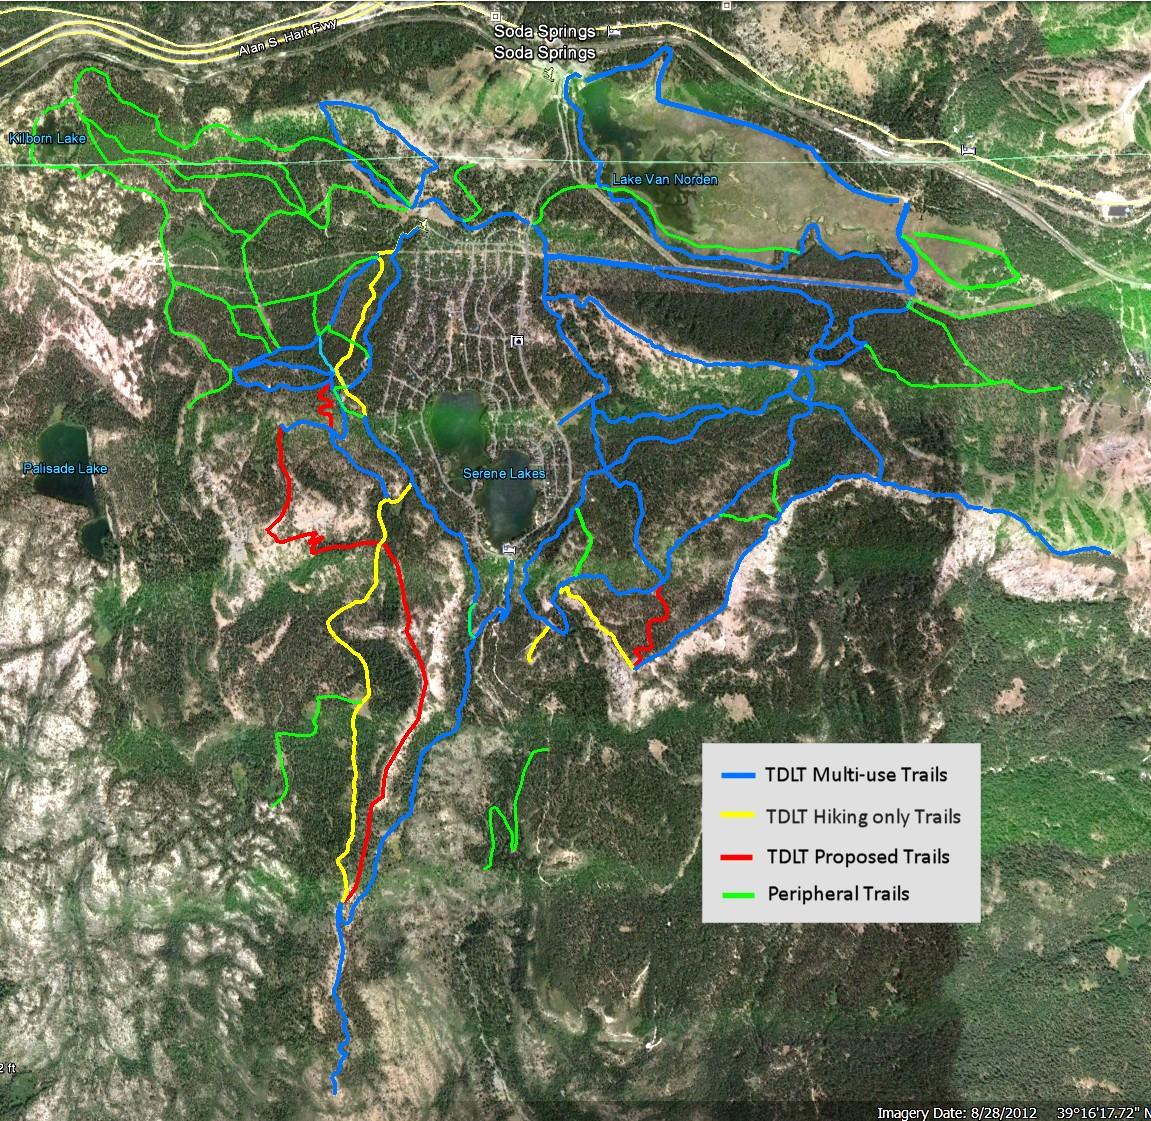 Royal Gorge Trails Satmap 4-16-14